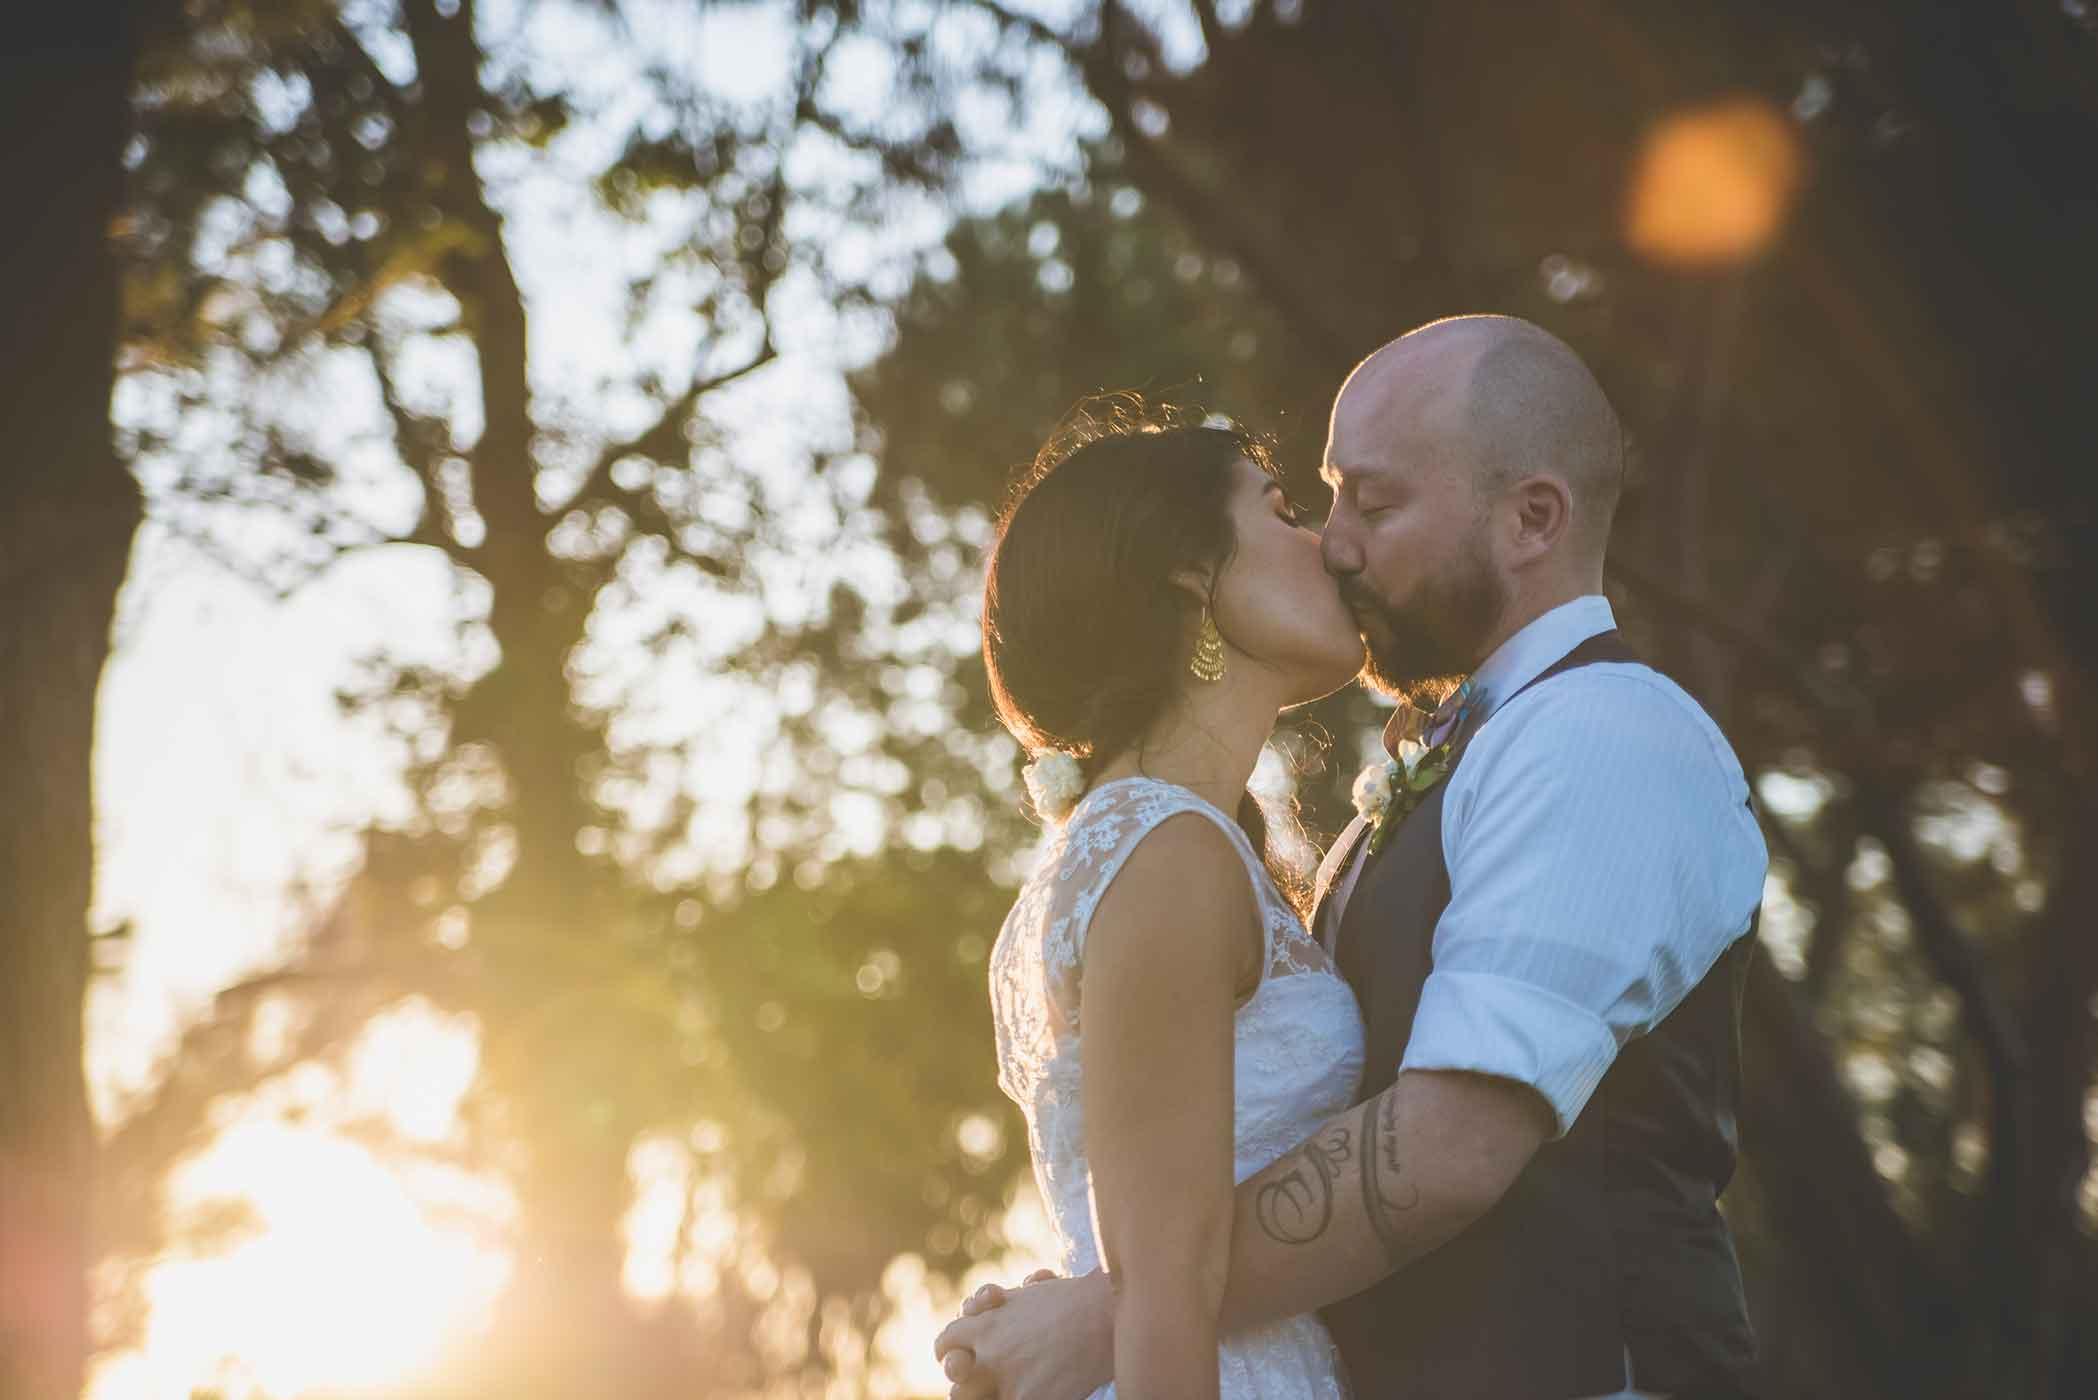 smlNahal-+-Joe-Wedding---Aug-2015-113.jpg